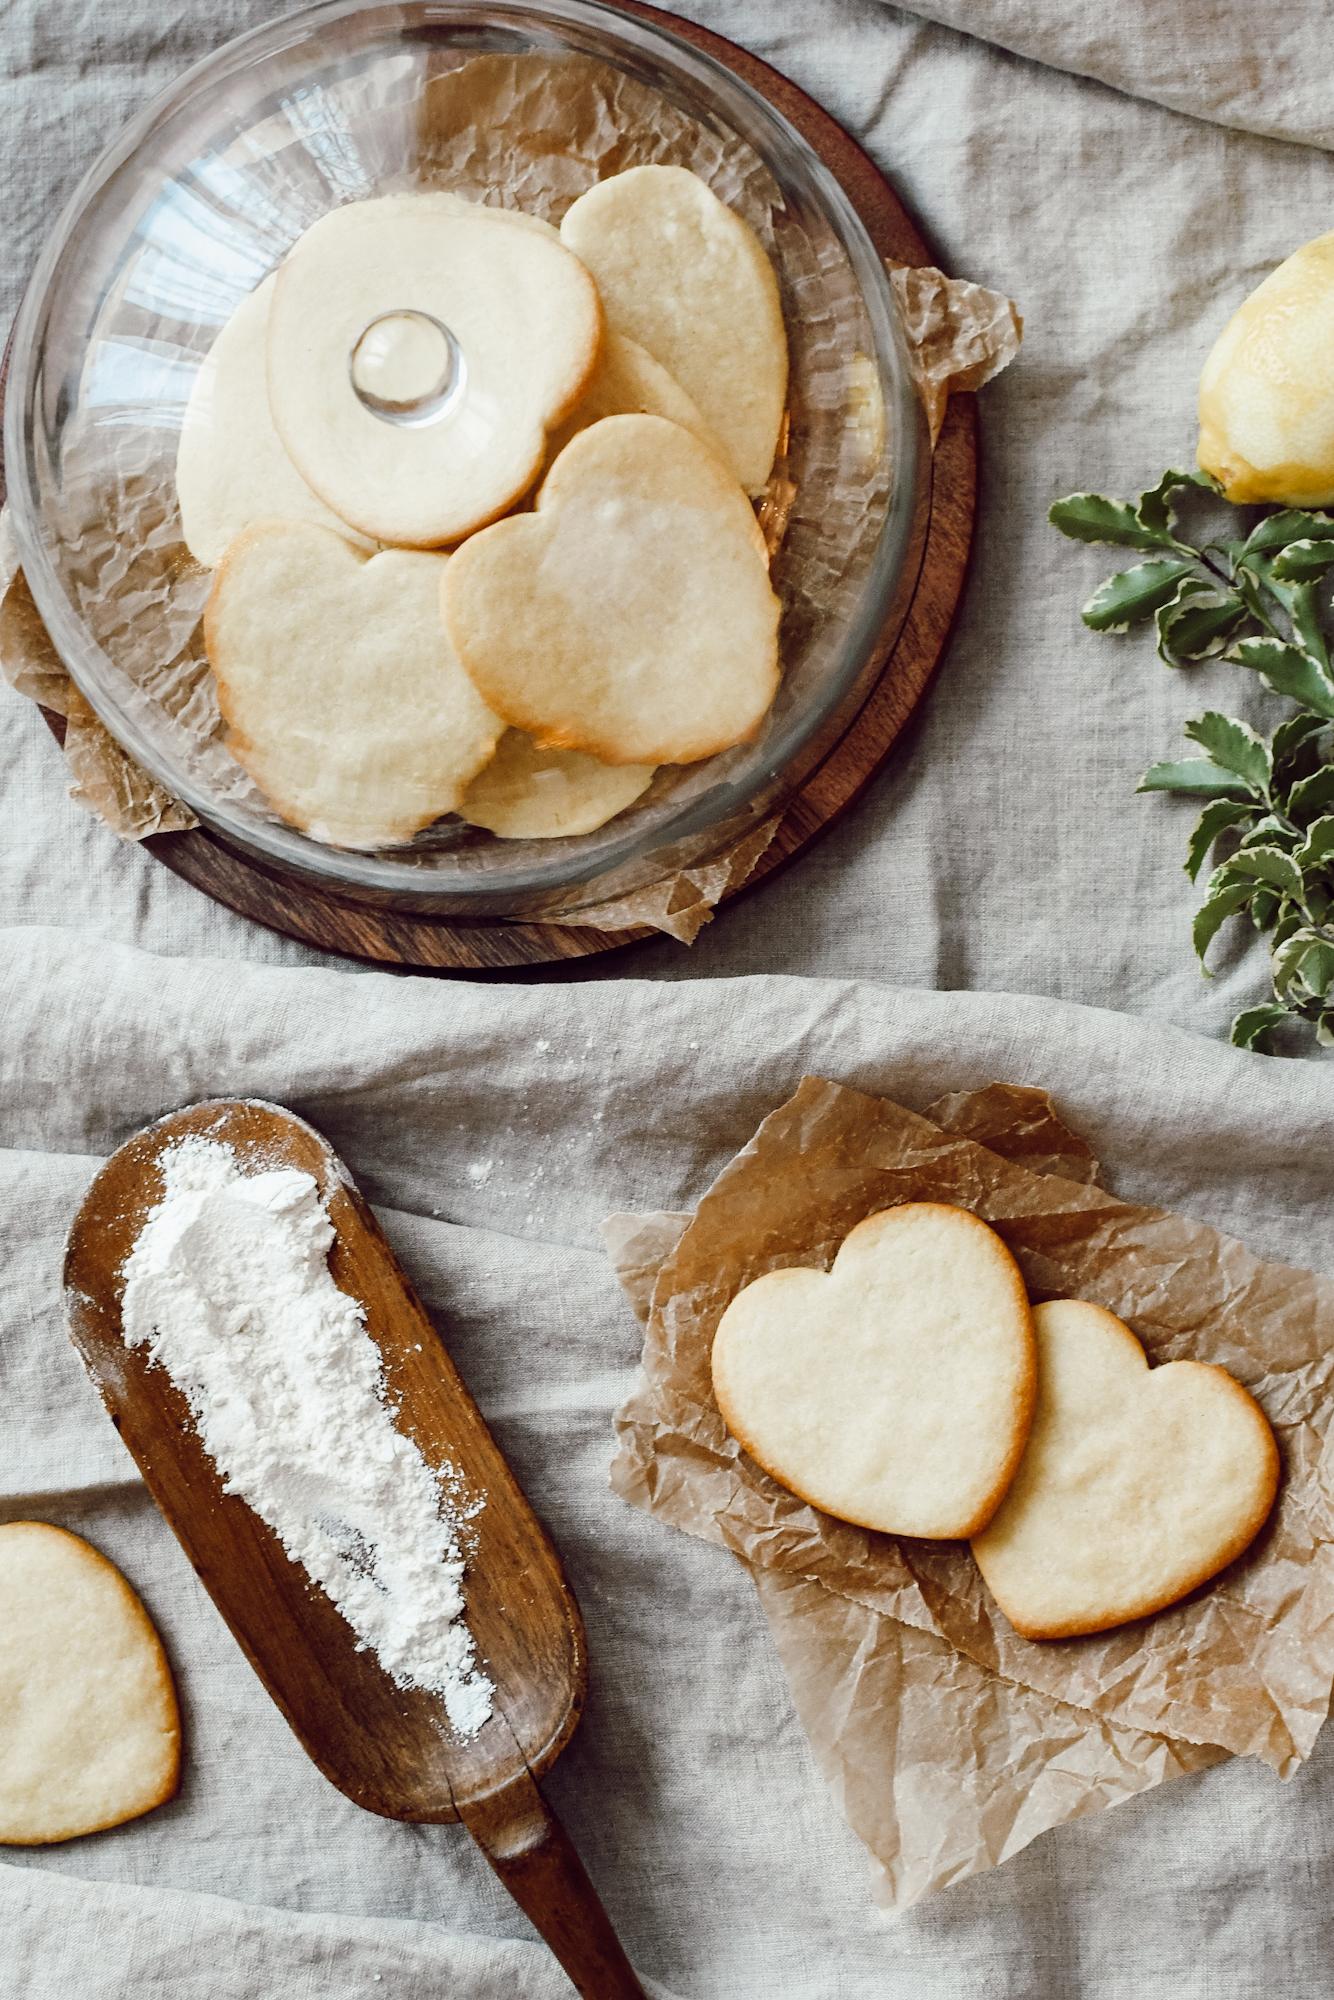 hartvormige koekjes met citroensmaak